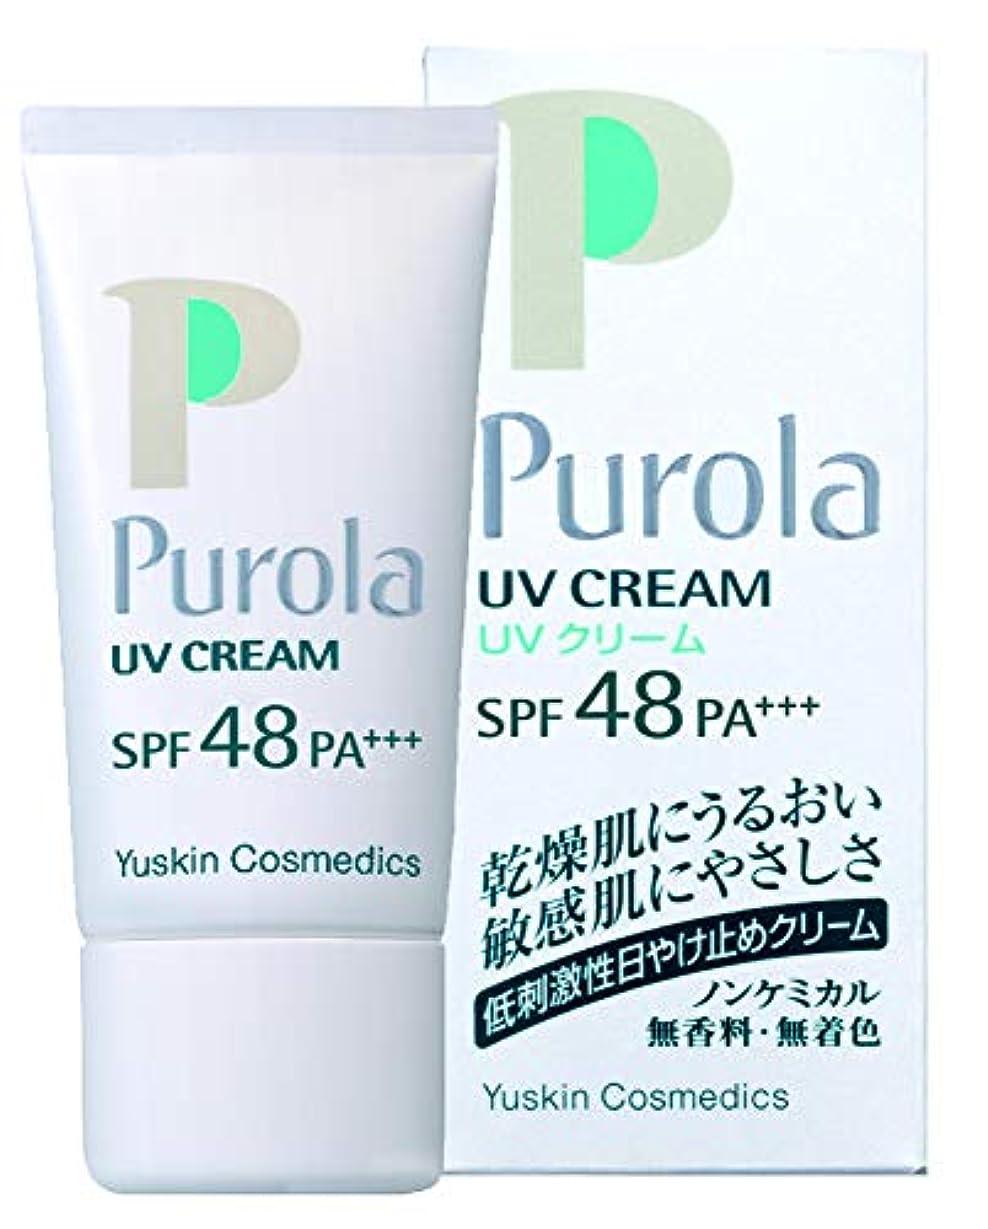 乳白リングバックシャンパンプローラ UVクリーム 30g SPF48 PA+++ (敏感肌用 日焼け止め)